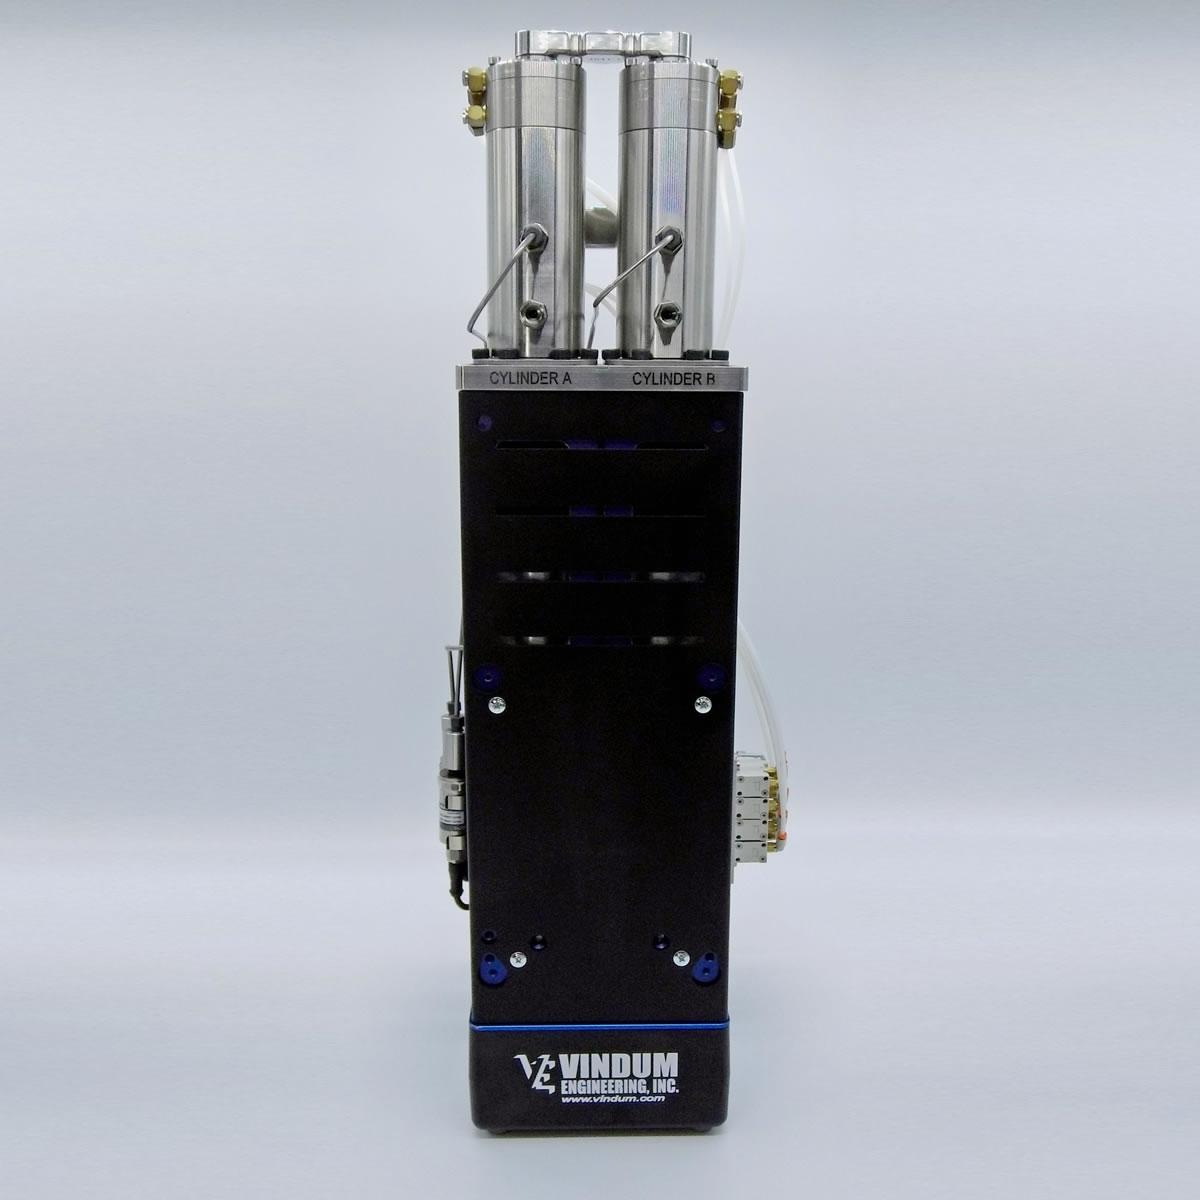 VP-Series High-Temp Metering Pump Front View